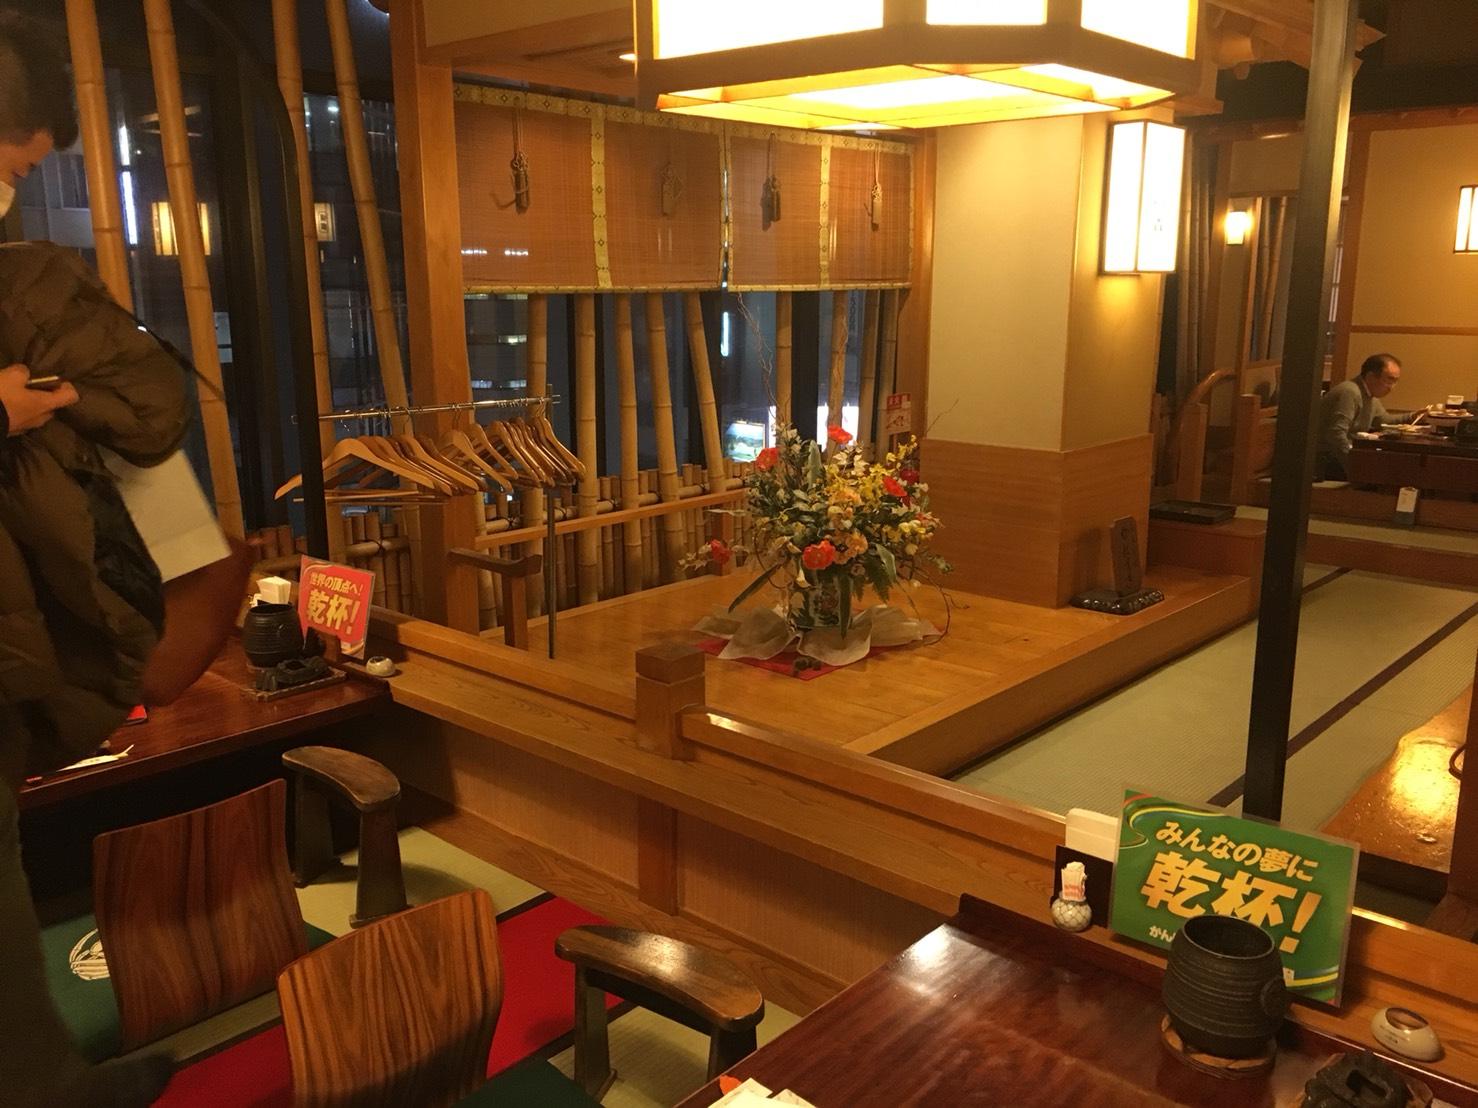 【新宿駅】贅の極み!蟹ざんまいで蟹に溺れる贅沢体験!豪華絢爛な「かに道楽」の店内2